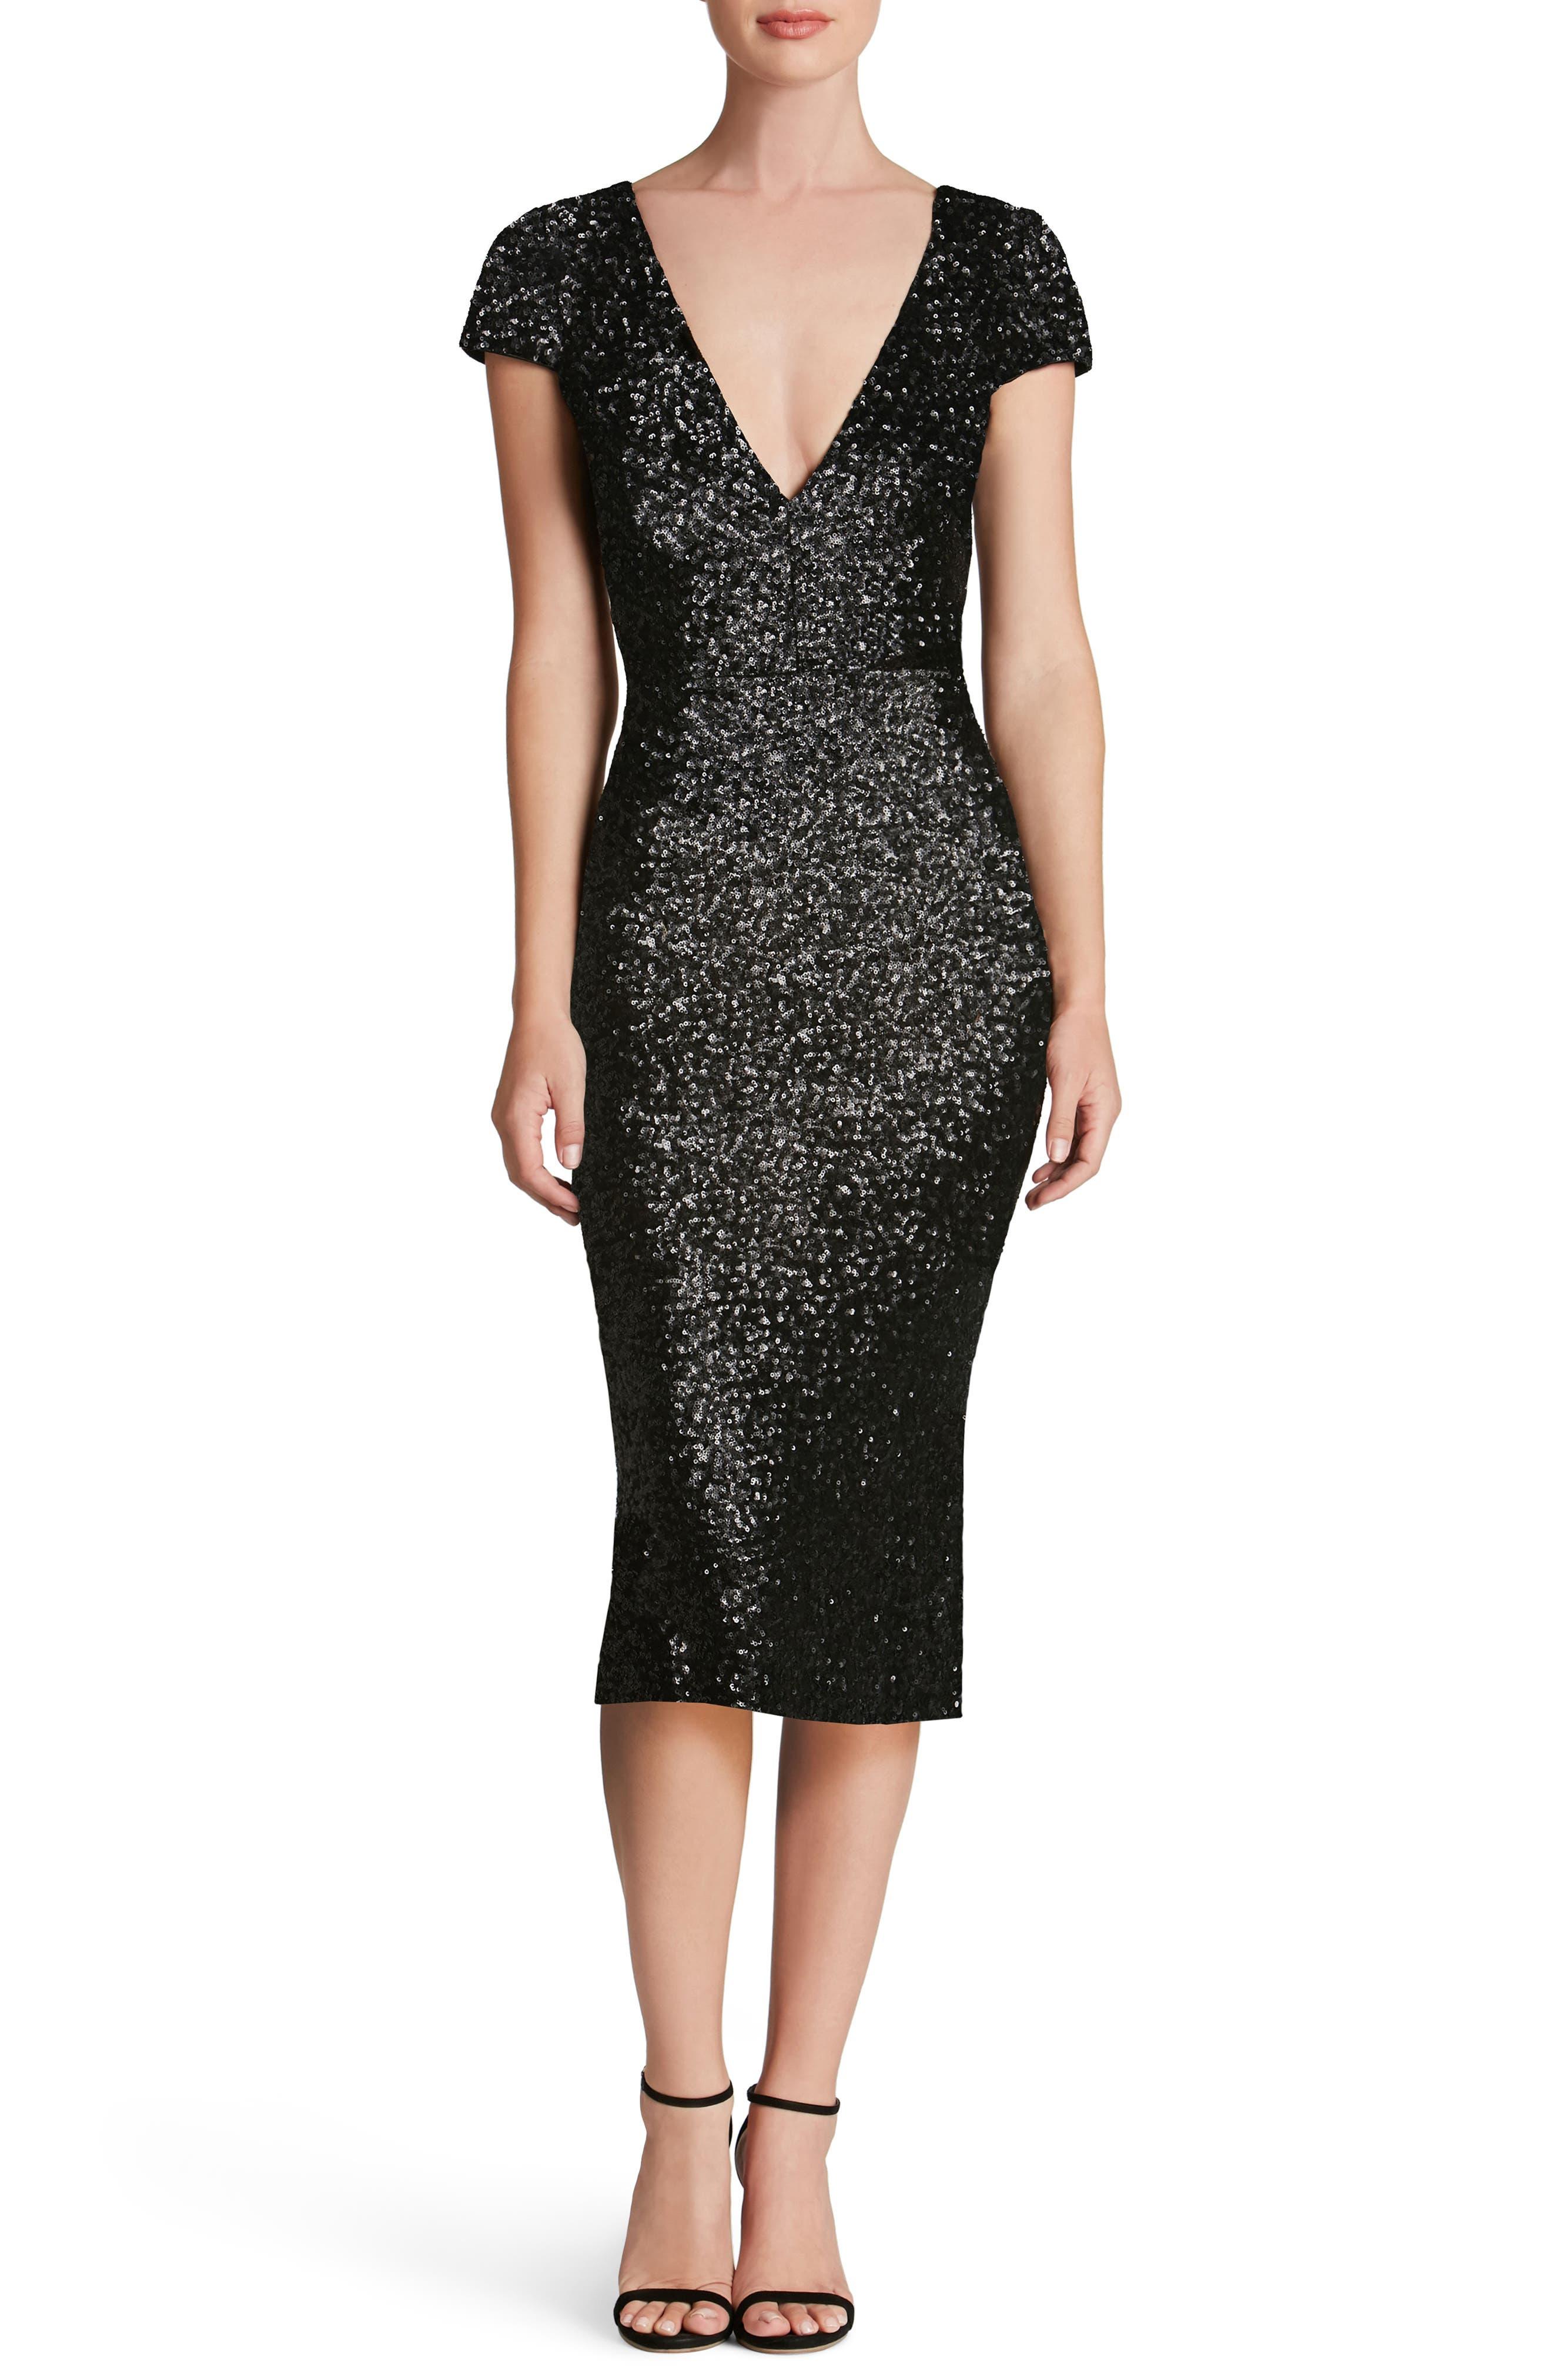 DRESS THE POPULATION,                             Allison Sequin Sheath Dress,                             Main thumbnail 1, color,                             008